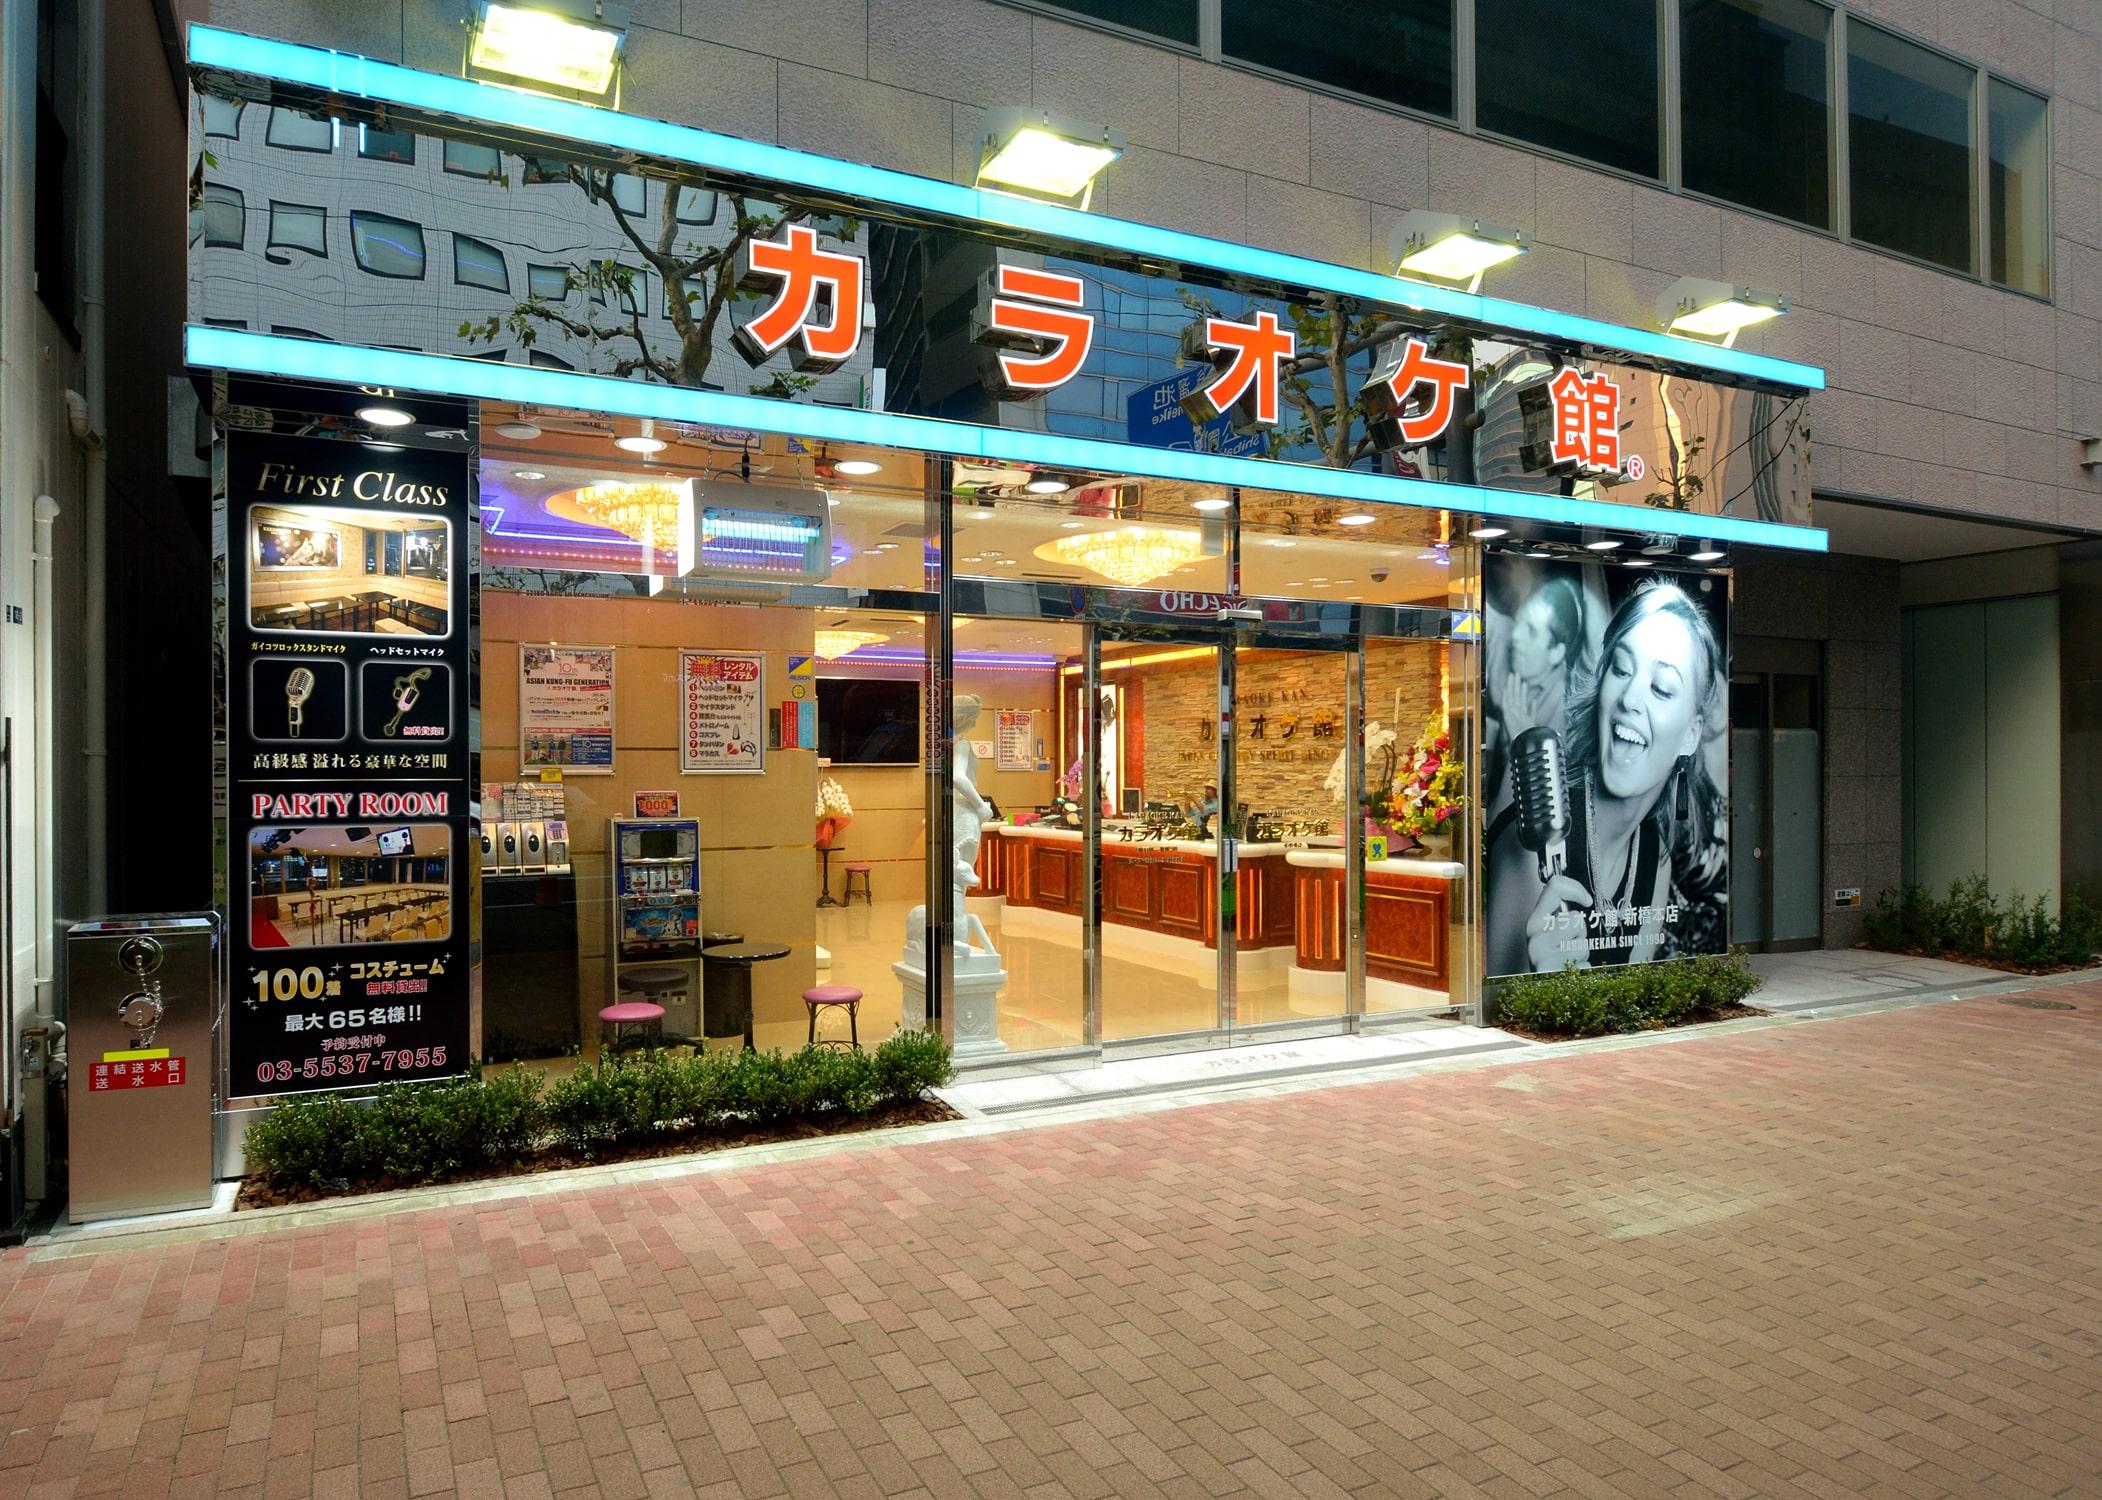 カラオケ館 西新井西口駅前店